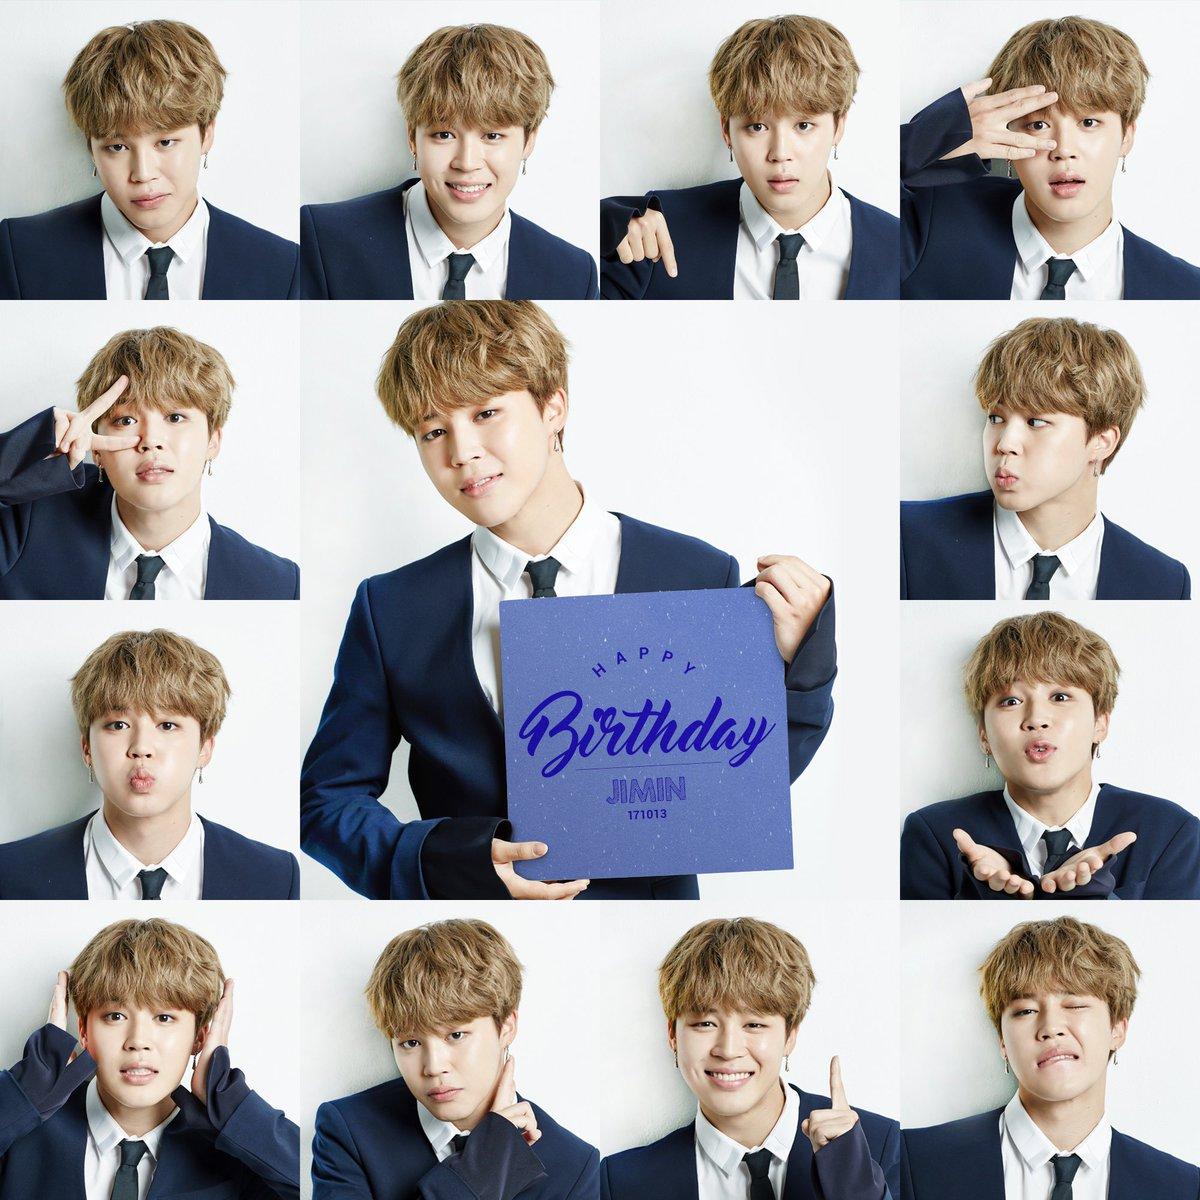 [#짐니생일ㅊㅋ] ♡ 1013 HAPPY BIRTHDAY♡ JIMIN 2017 ♡ #침침데이 #행복한삼색강양이